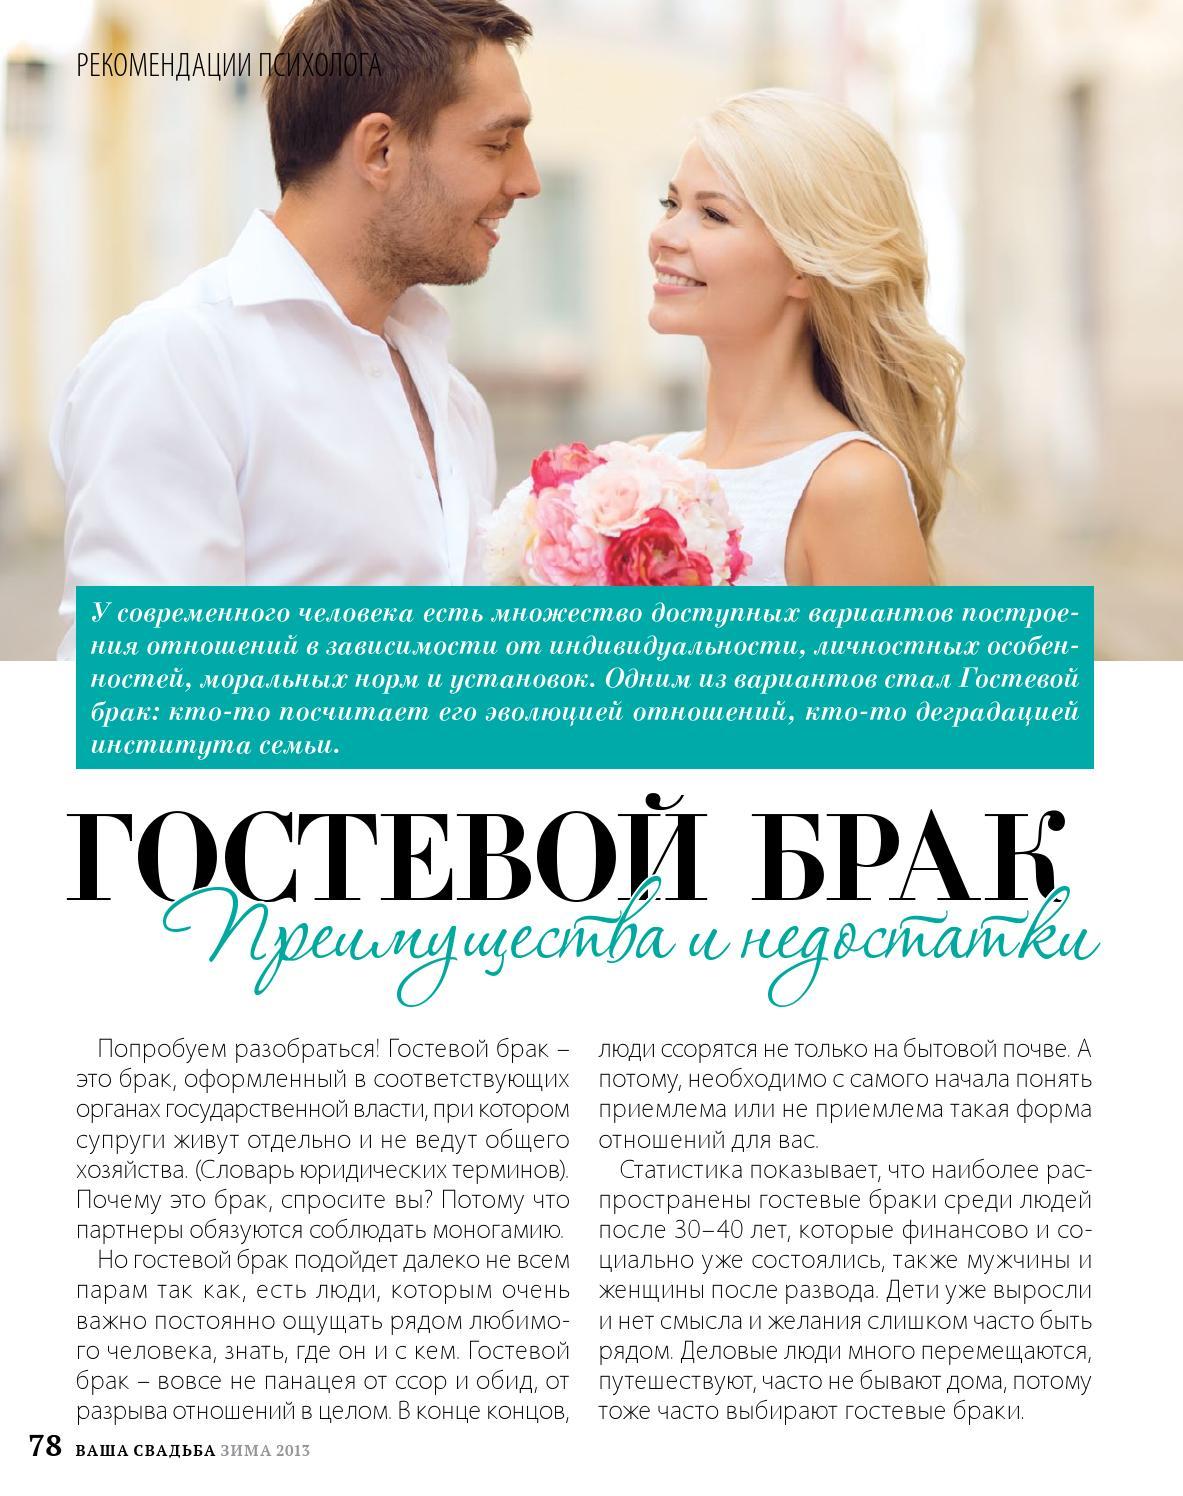 Что такое гостевой брак: чем он отличается от гражданского и раздельного проживания?